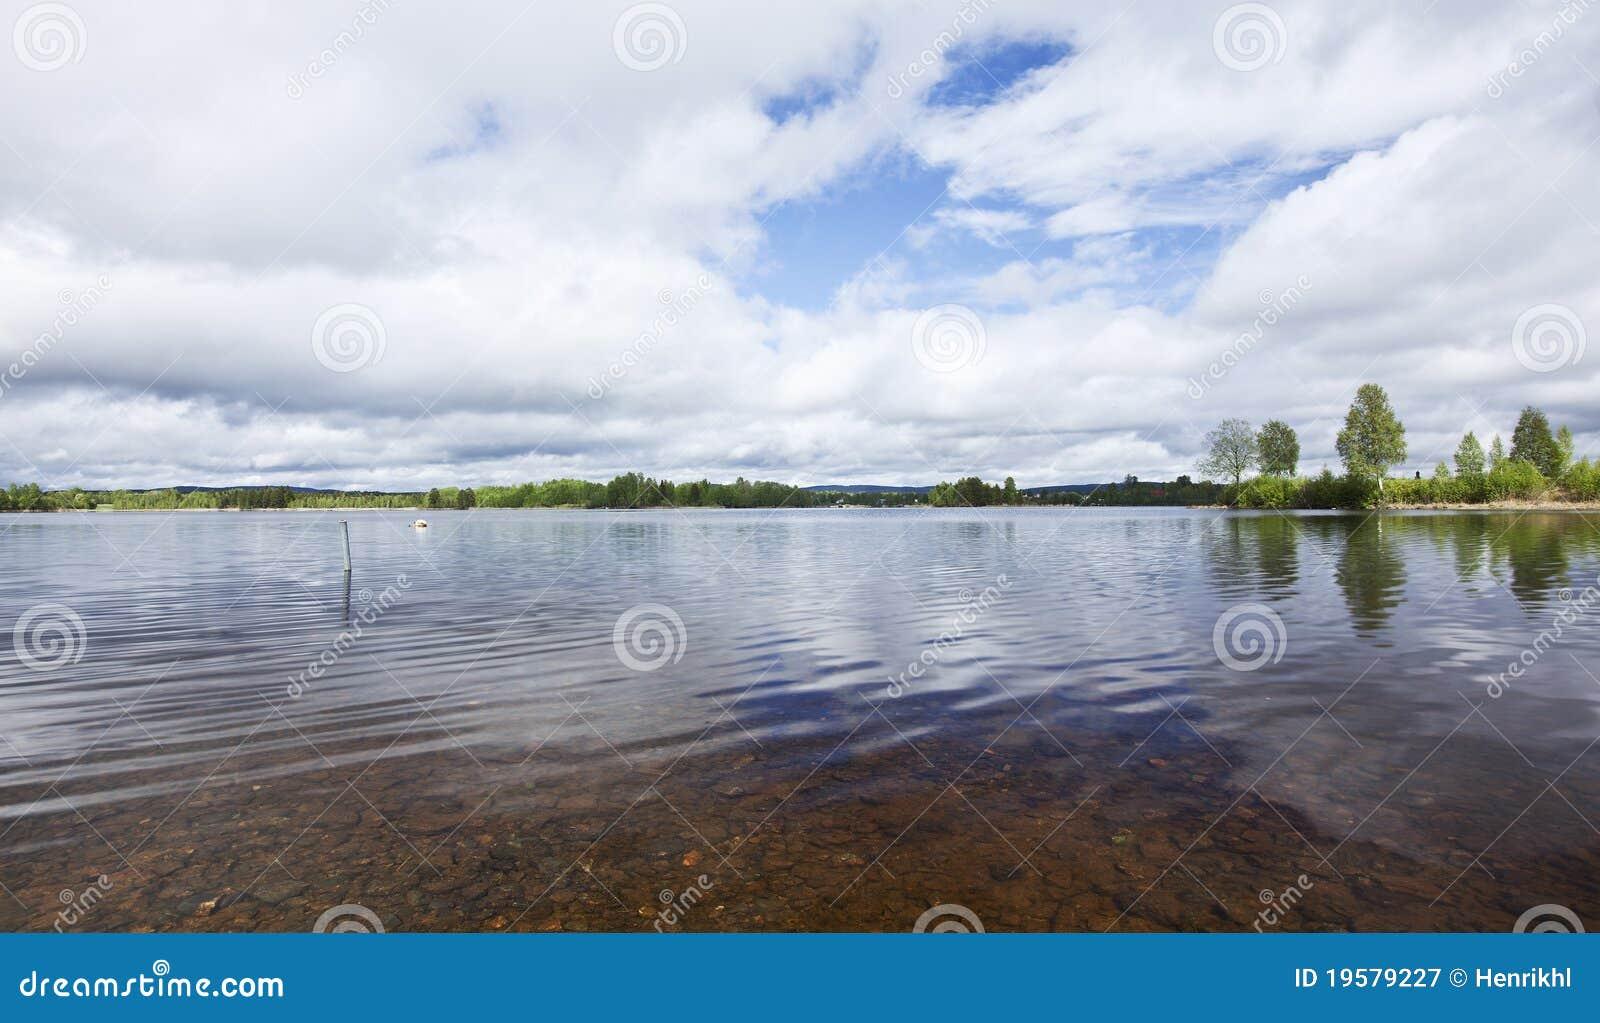 Lago sueco tranquilo con agua clara